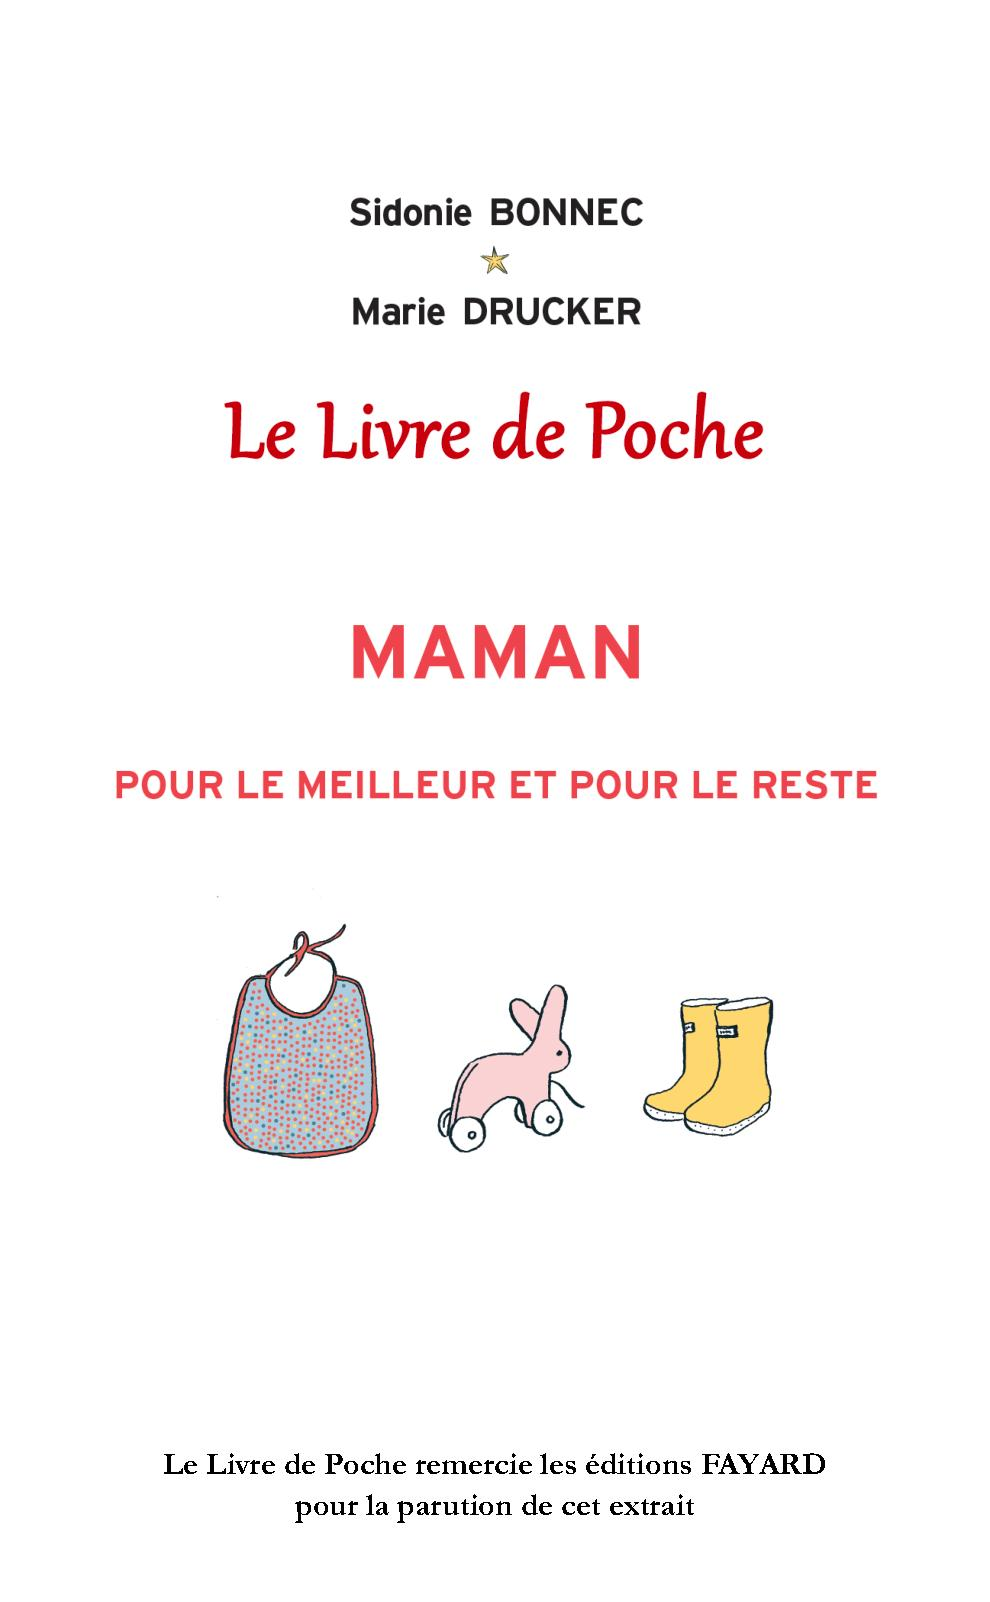 Bonnec/Drucker_Maman Pour Le Meilleur Et Le Reste_Extrait